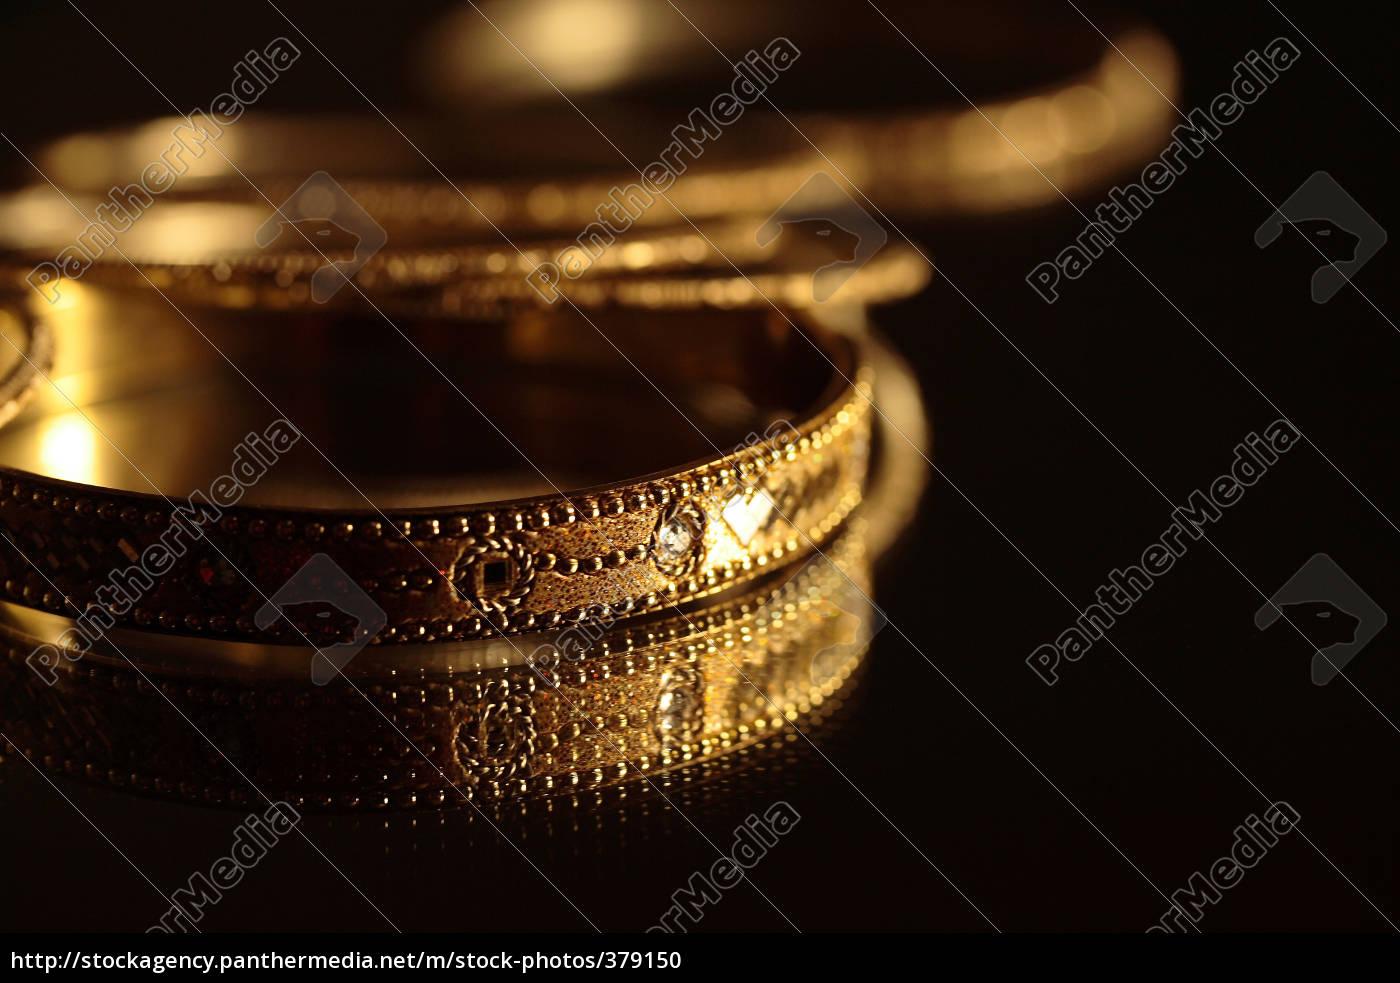 gold, bracelets - 379150